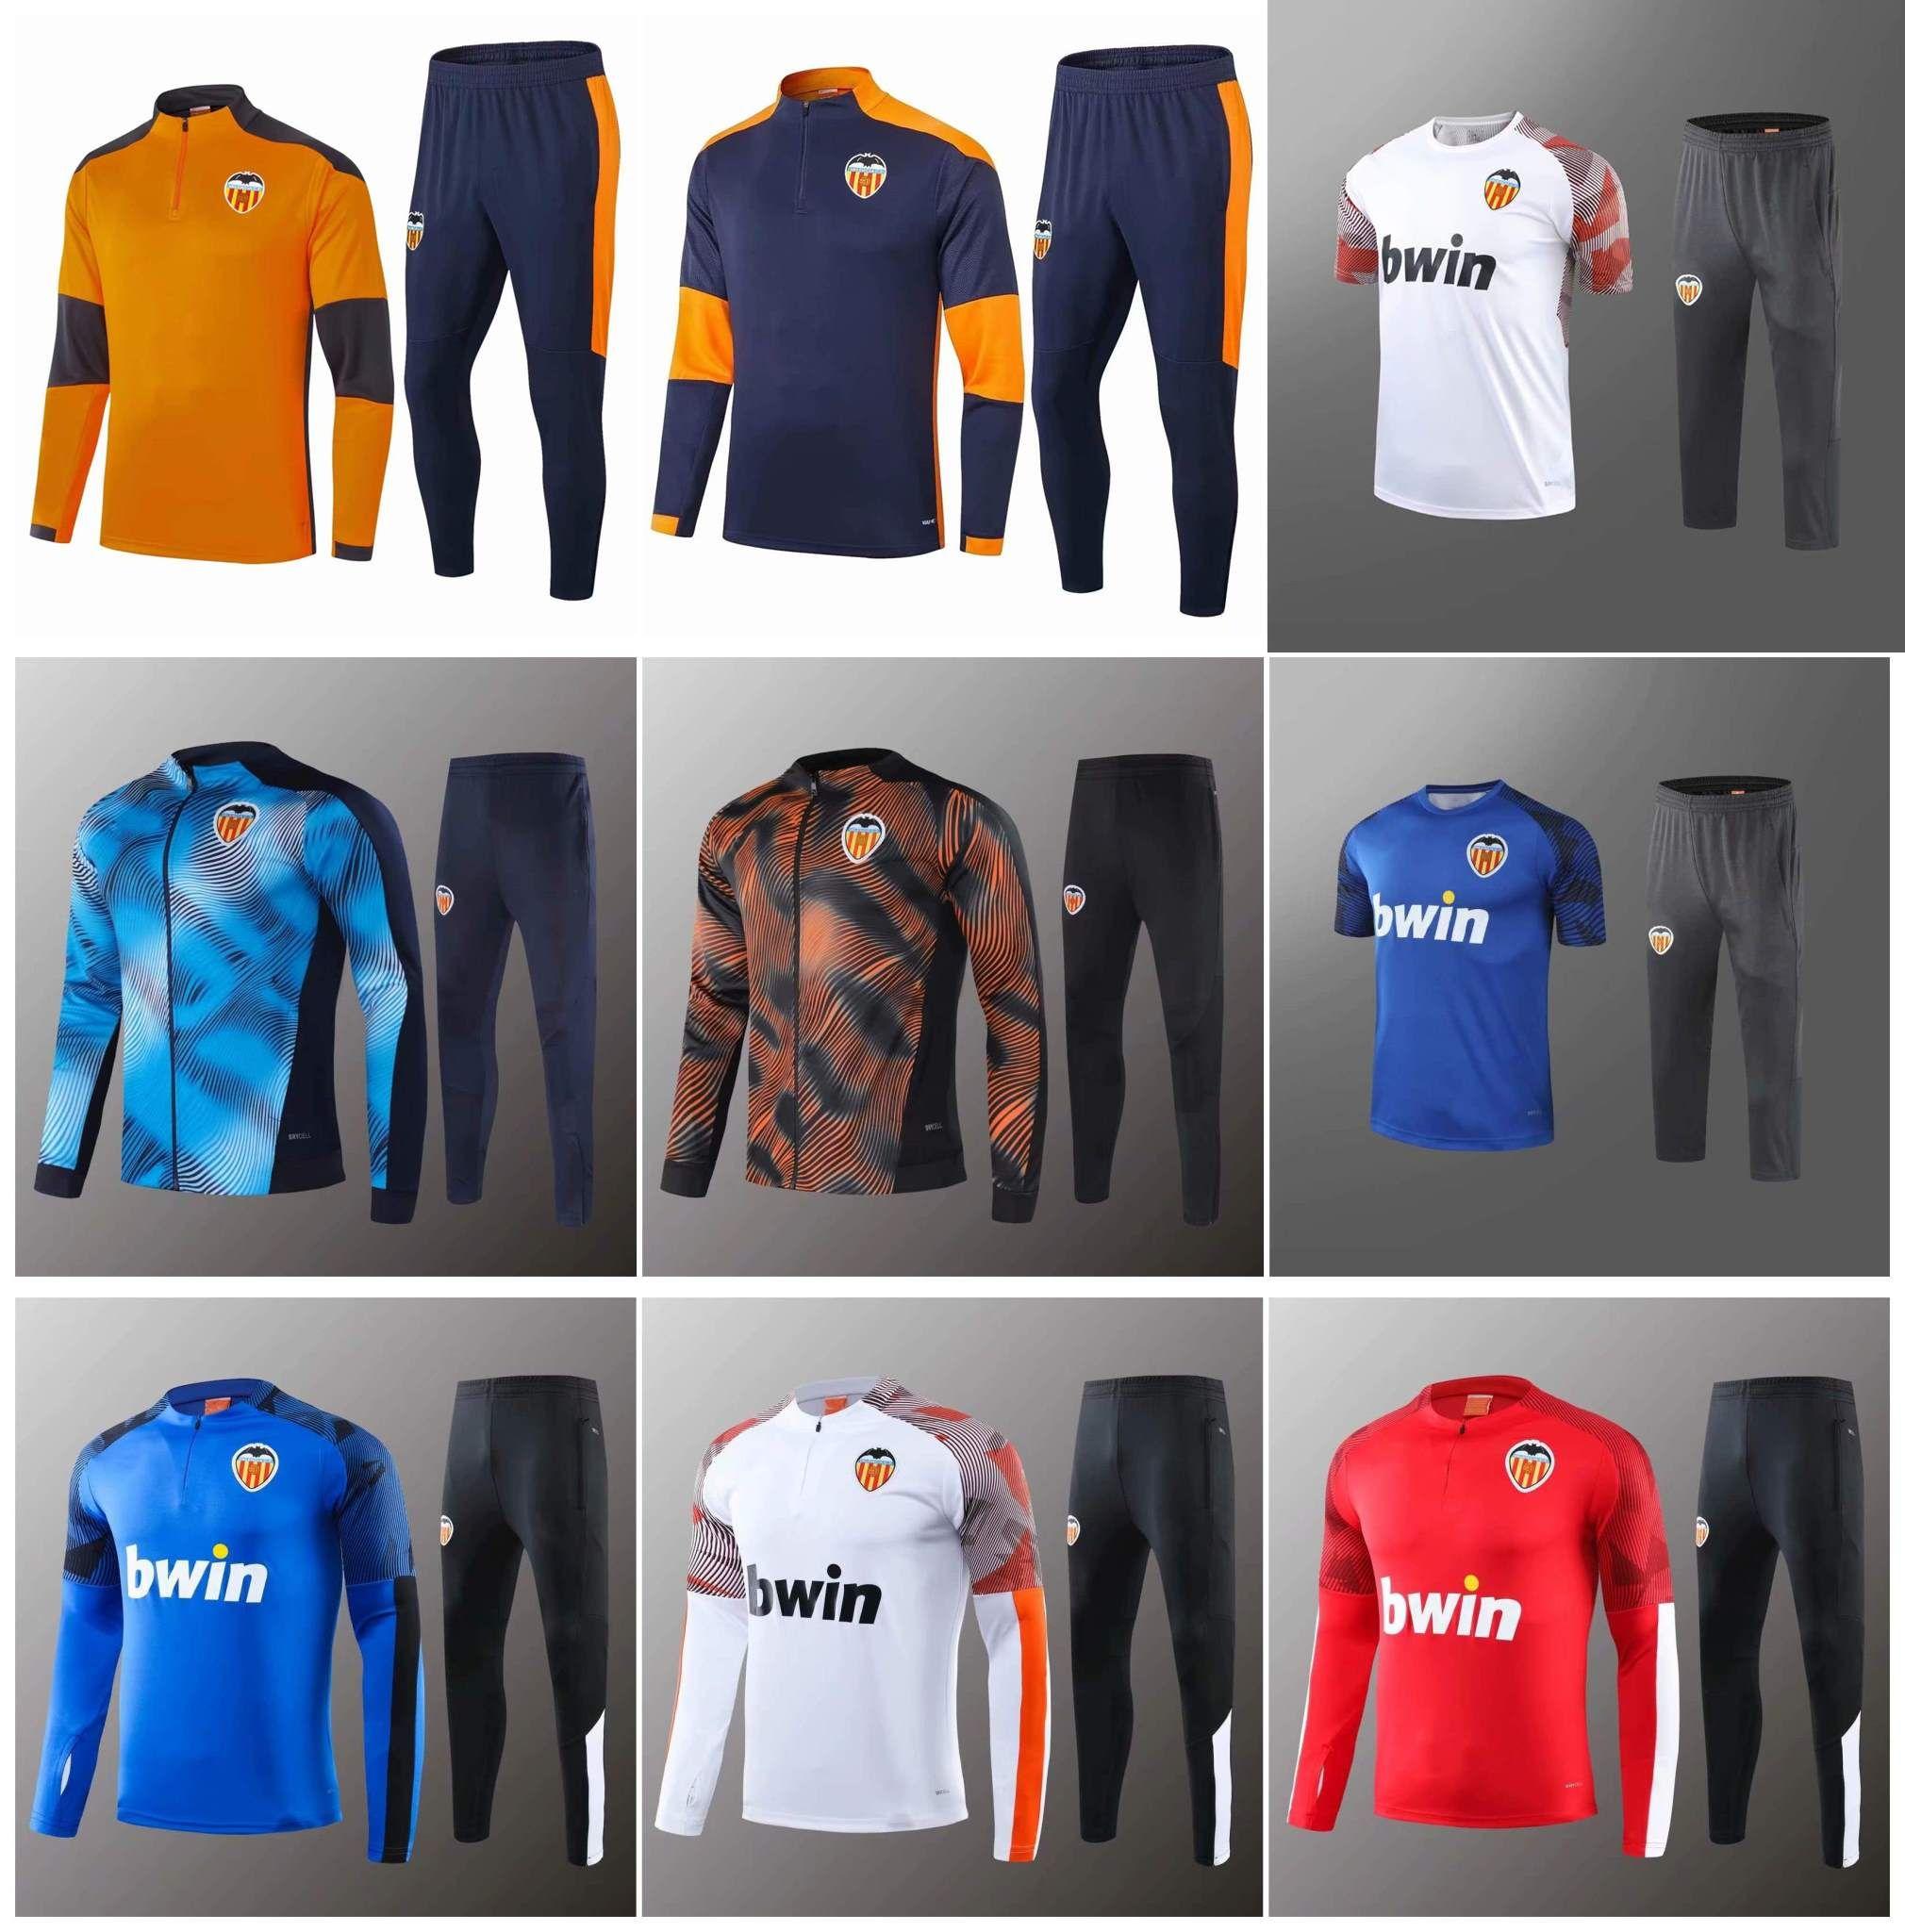 2020 2021 Valencia fc fato de treino para homem PAREJO Camisa de futebol GAMEIRO men chandal 2020/21 Valencia Entrenamiento fato de treino para adulto